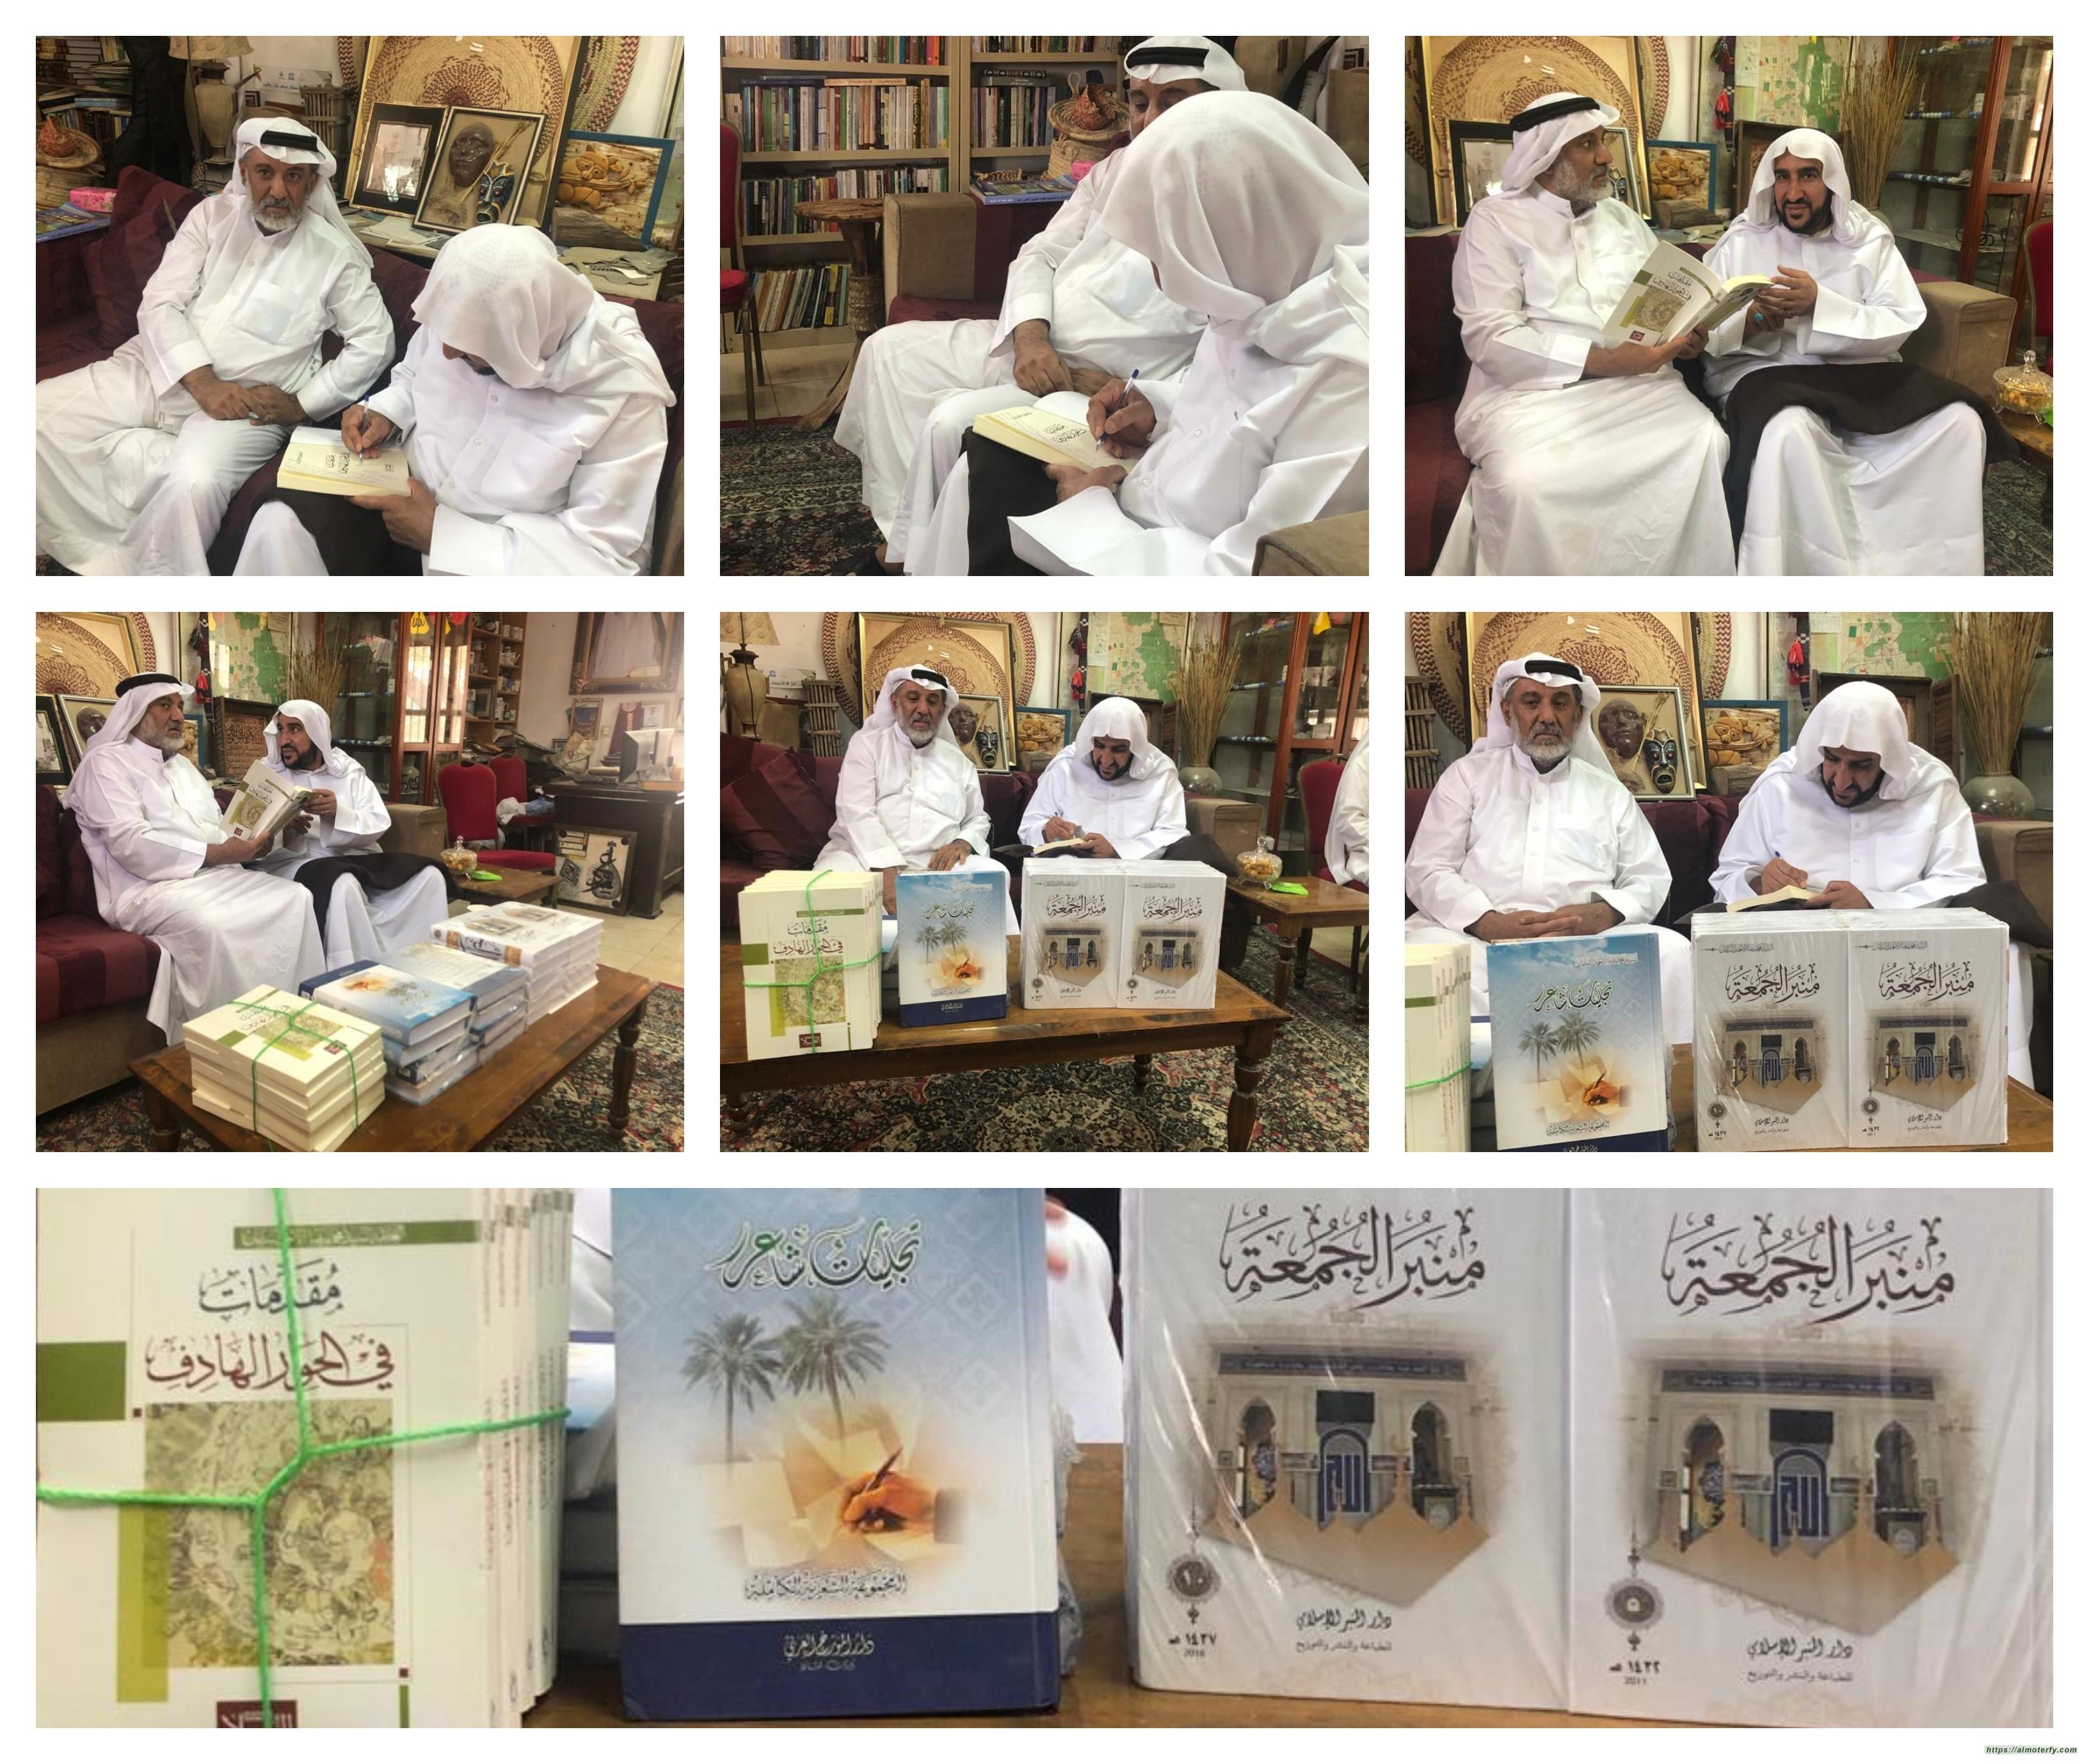 """سماحة العلامة اية الله السيد """"ابا عدنان """" يزور المهندس عبدالله عبدالمحسن الشايب ويقدم له نسخ من مؤلفاته بالاضافة الى كتابه الجديد"""